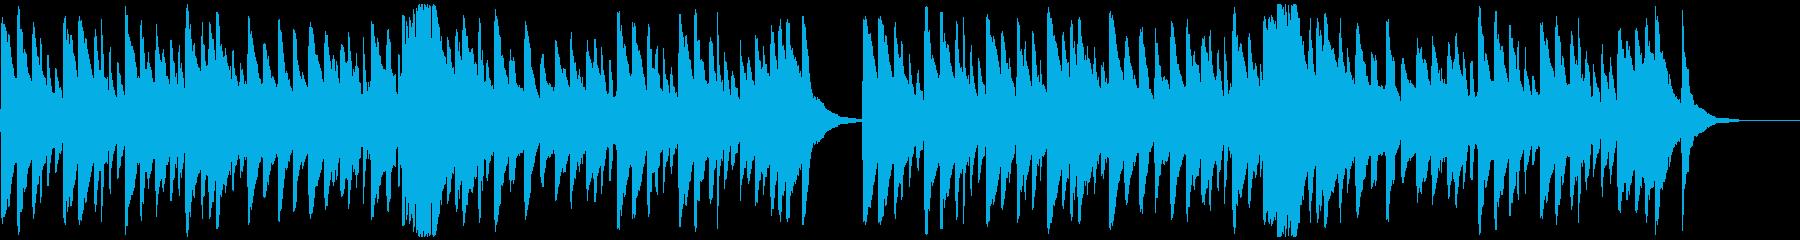 さくらさくら【箏】の再生済みの波形